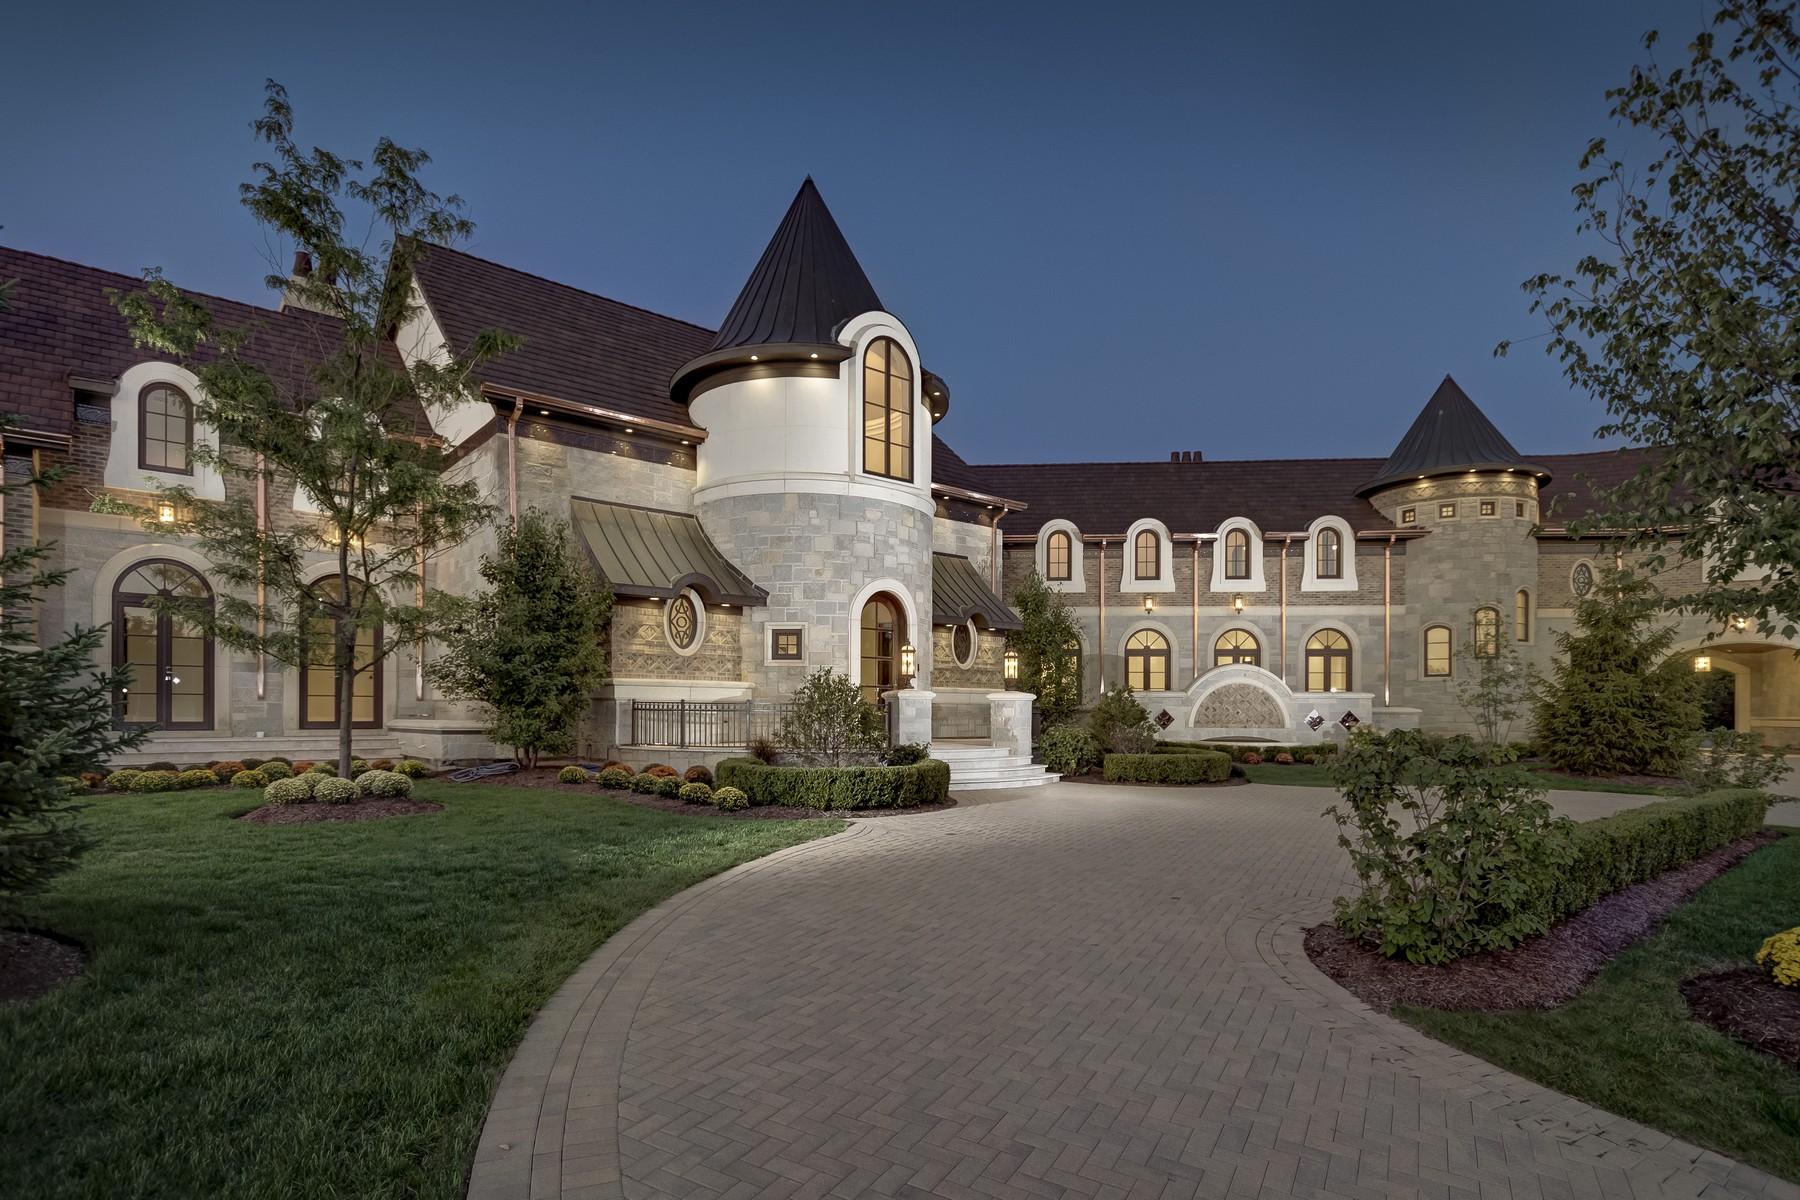 Maison unifamiliale pour l Vente à Exquisite French Country Estate 8 Kaleigh Court South Barrington, Illinois 60010 États-Unis